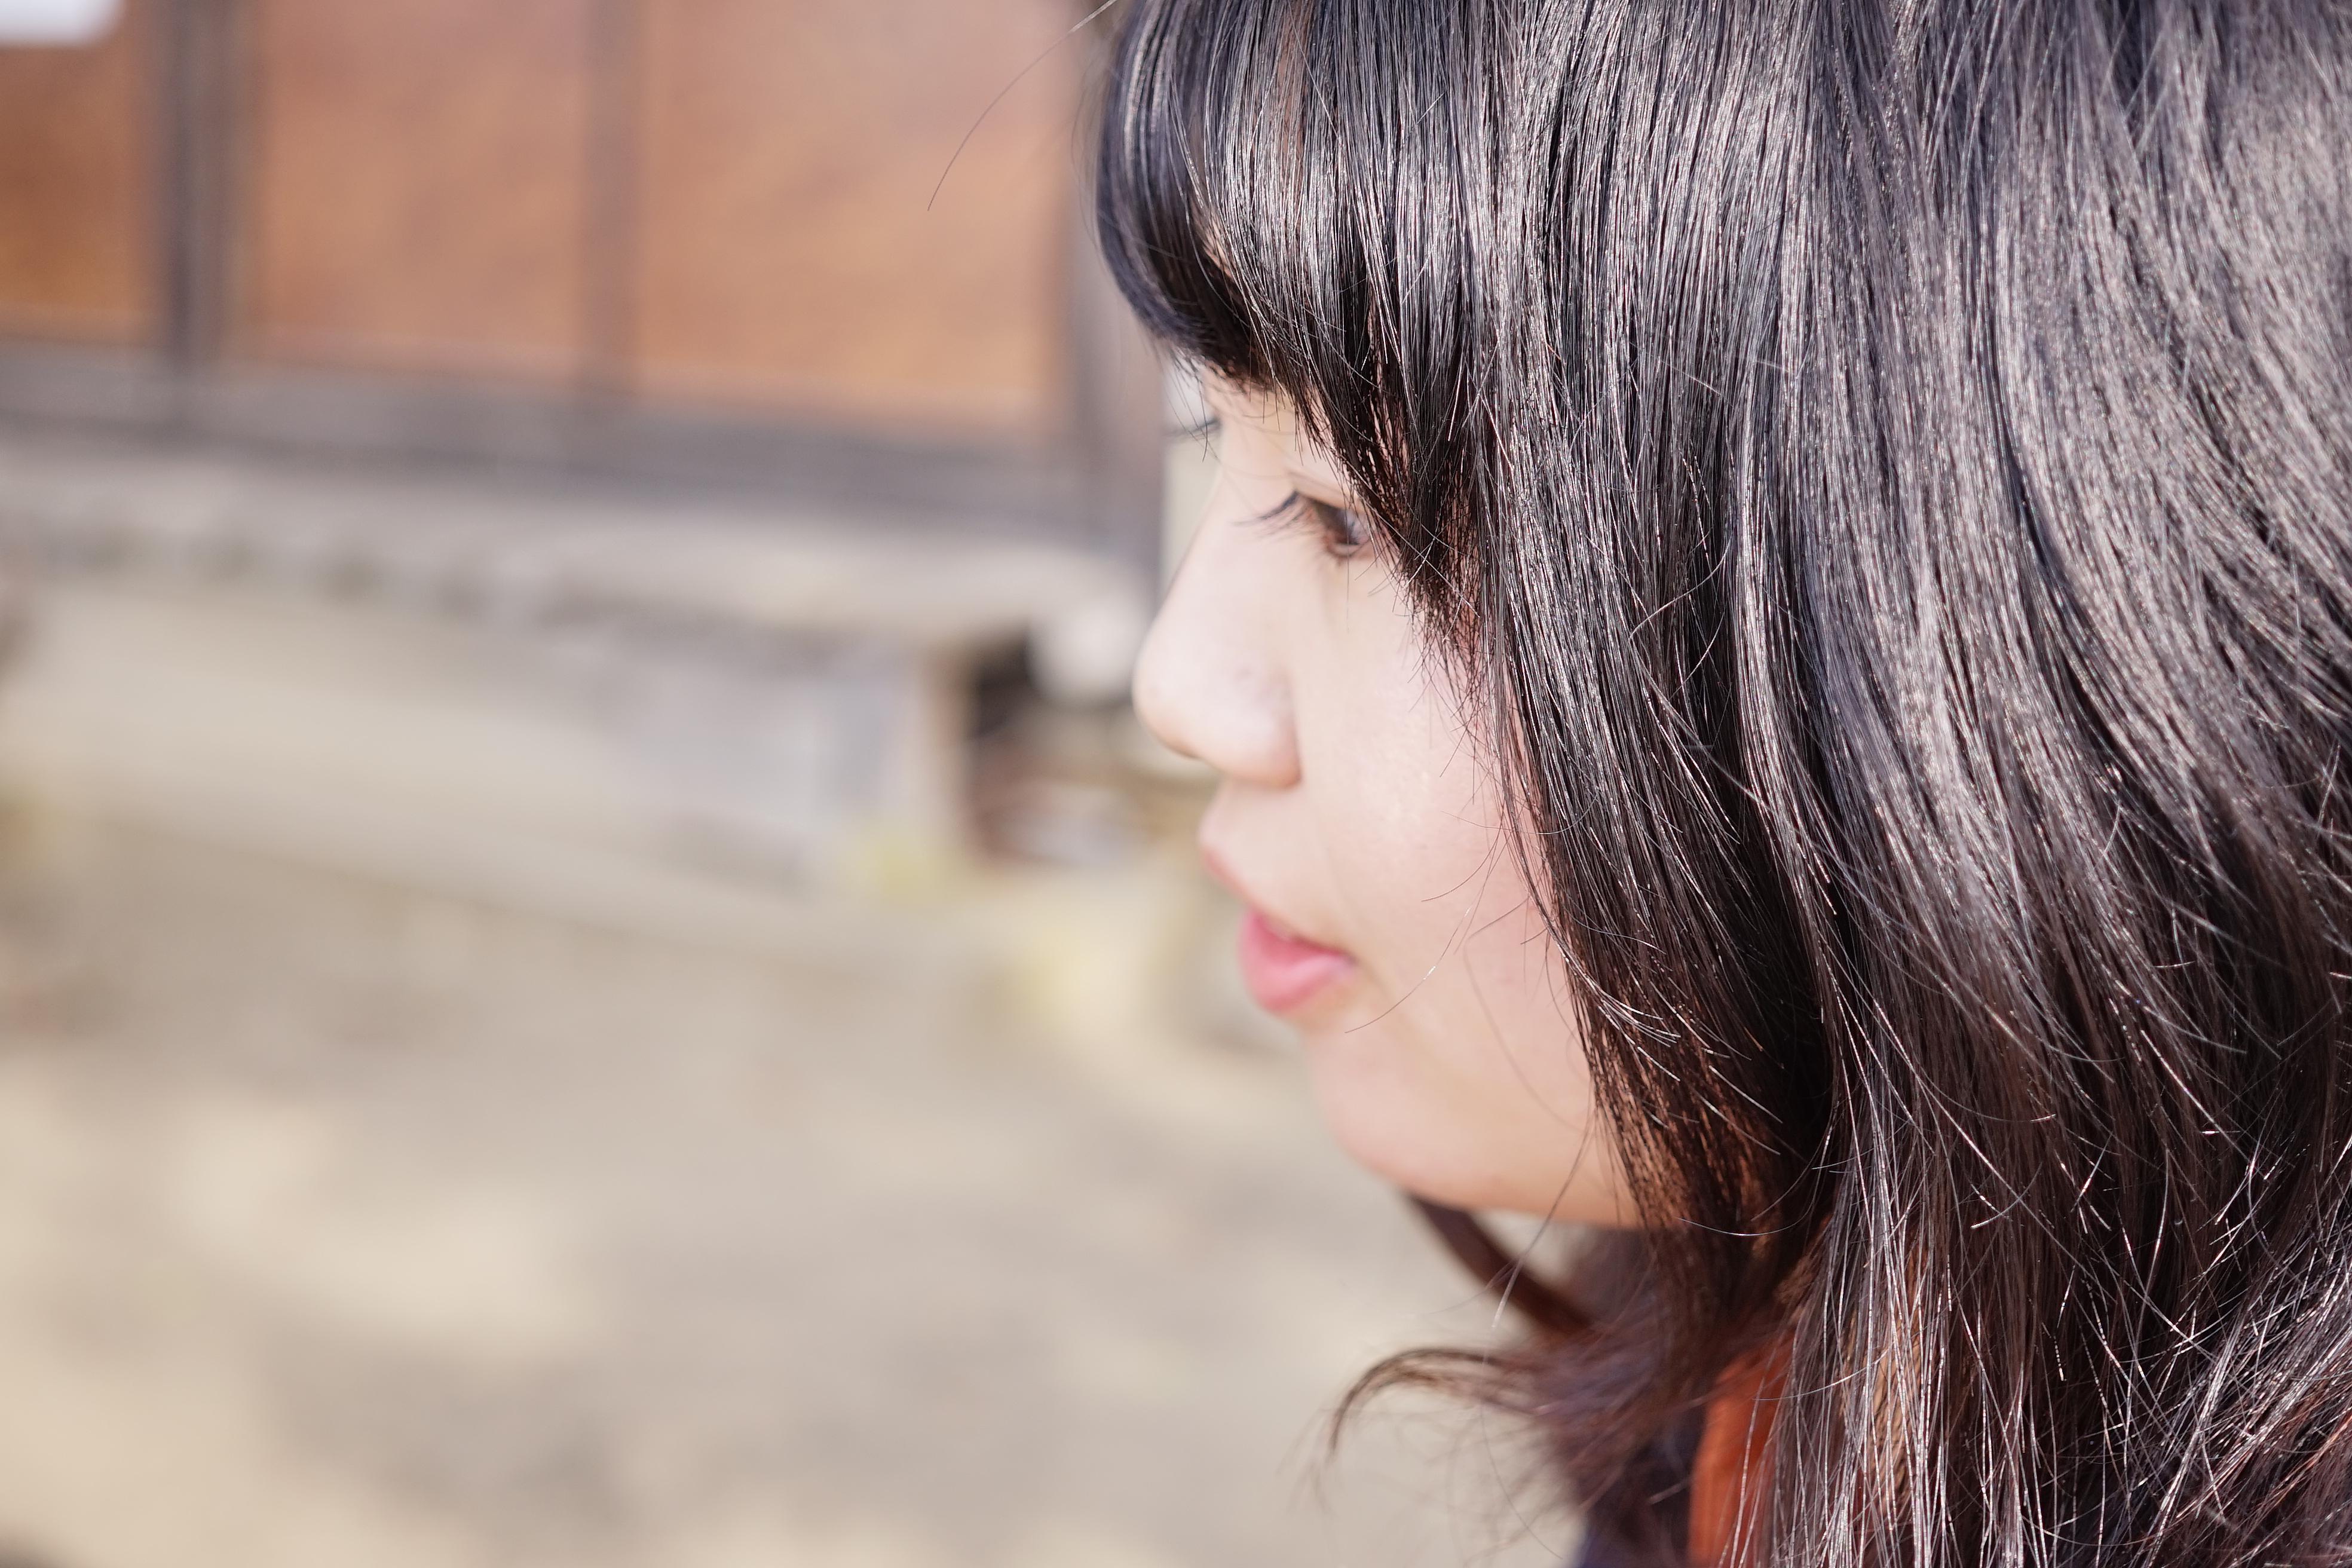 ゆるっと散歩インタビュー|つながる米屋 コメタク・井上有紀 @新潟市ウチノ